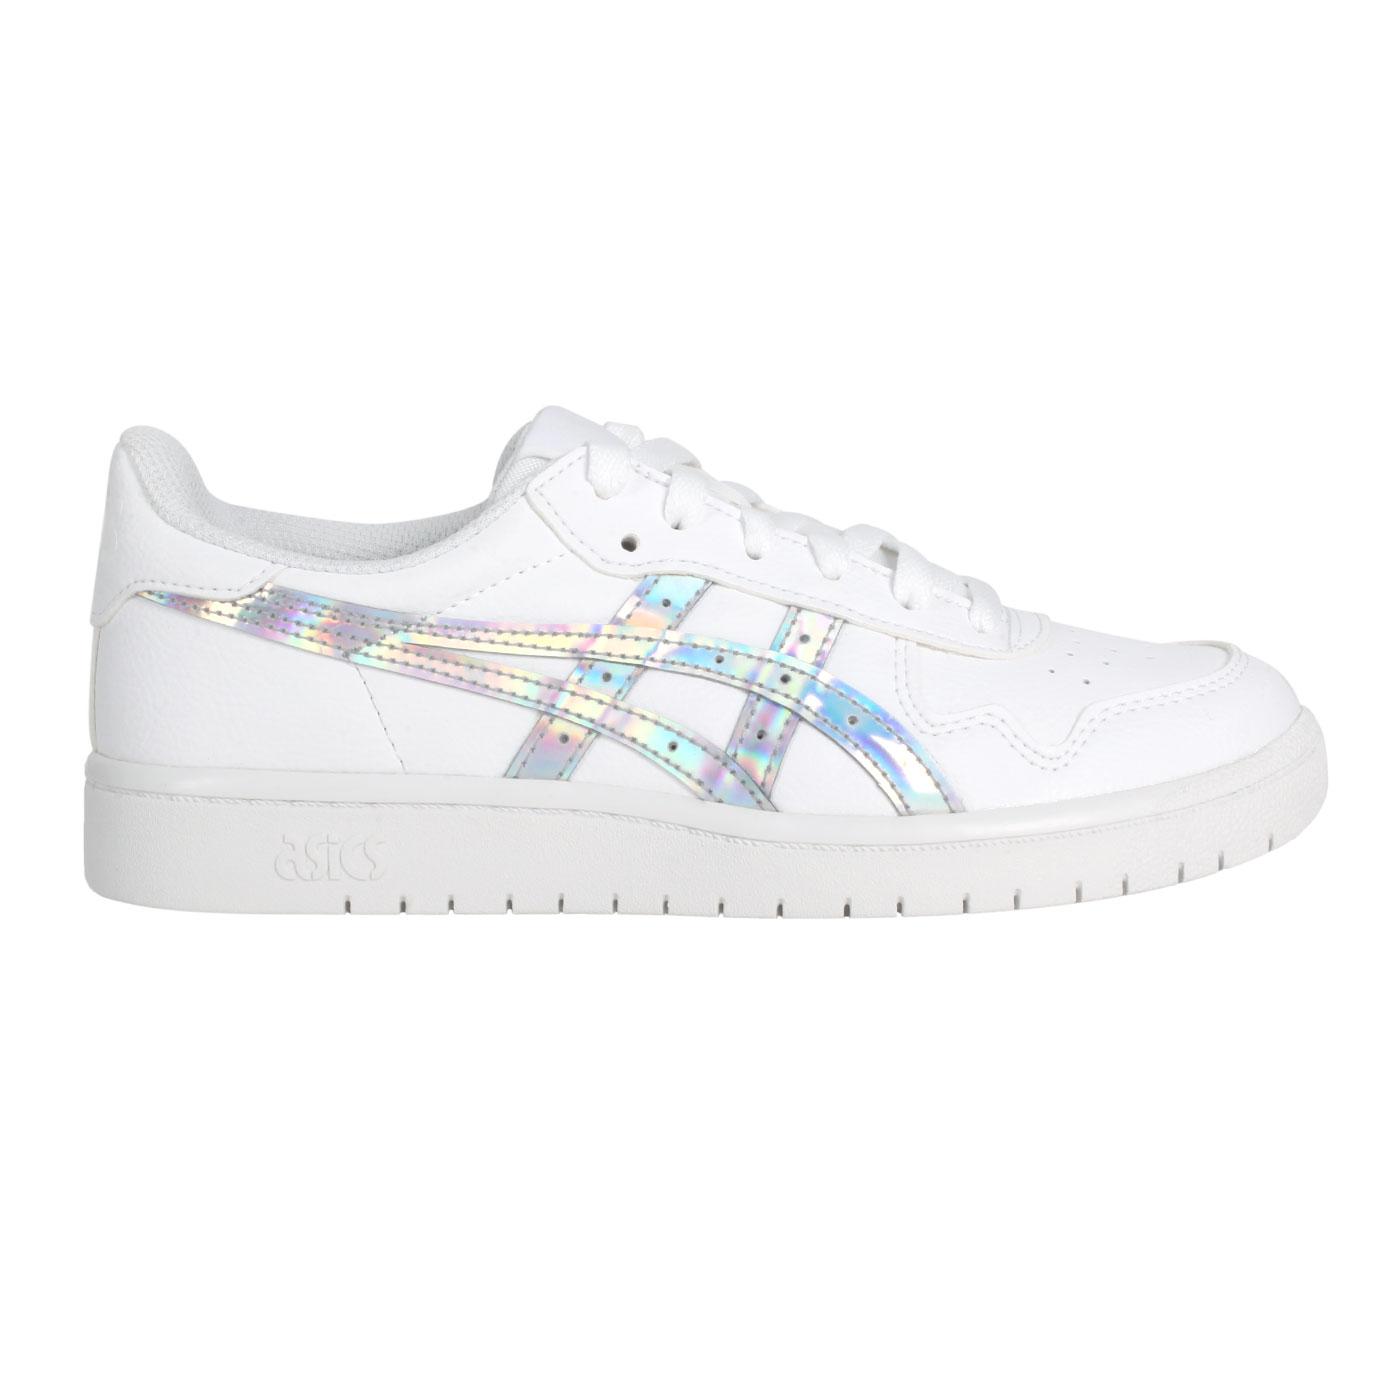 ASICS 女款運動鞋  @JAAN S@1202A195-100 - 白銀